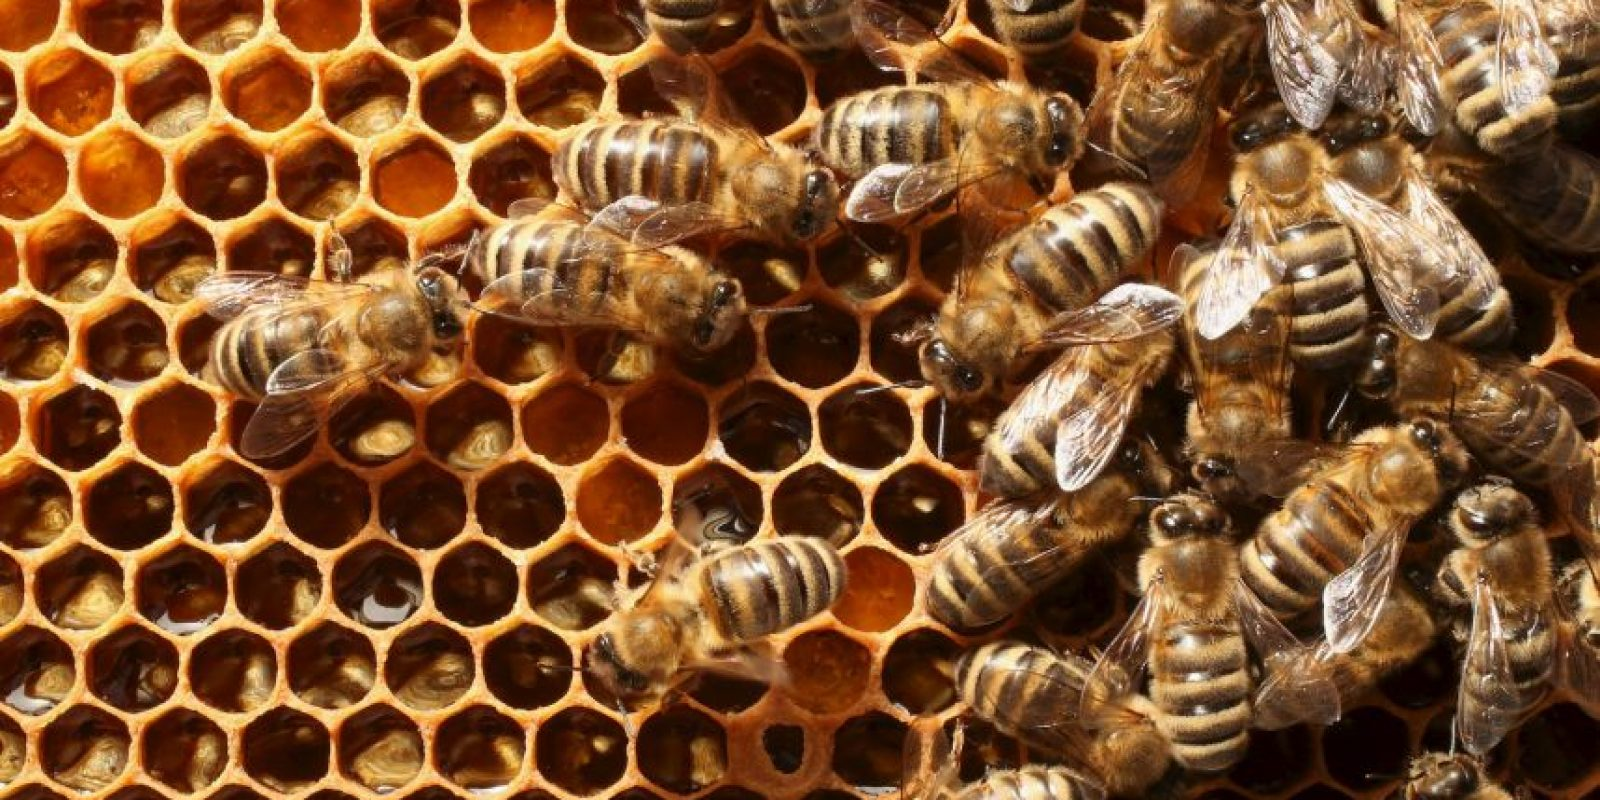 Se caracterizan por tener alas bien delgadas y transparentes, que en algunos casos, de determinadas especies de abejas es permite realizar un vuelo de hasta 13 kilómetros Foto:Getty Images